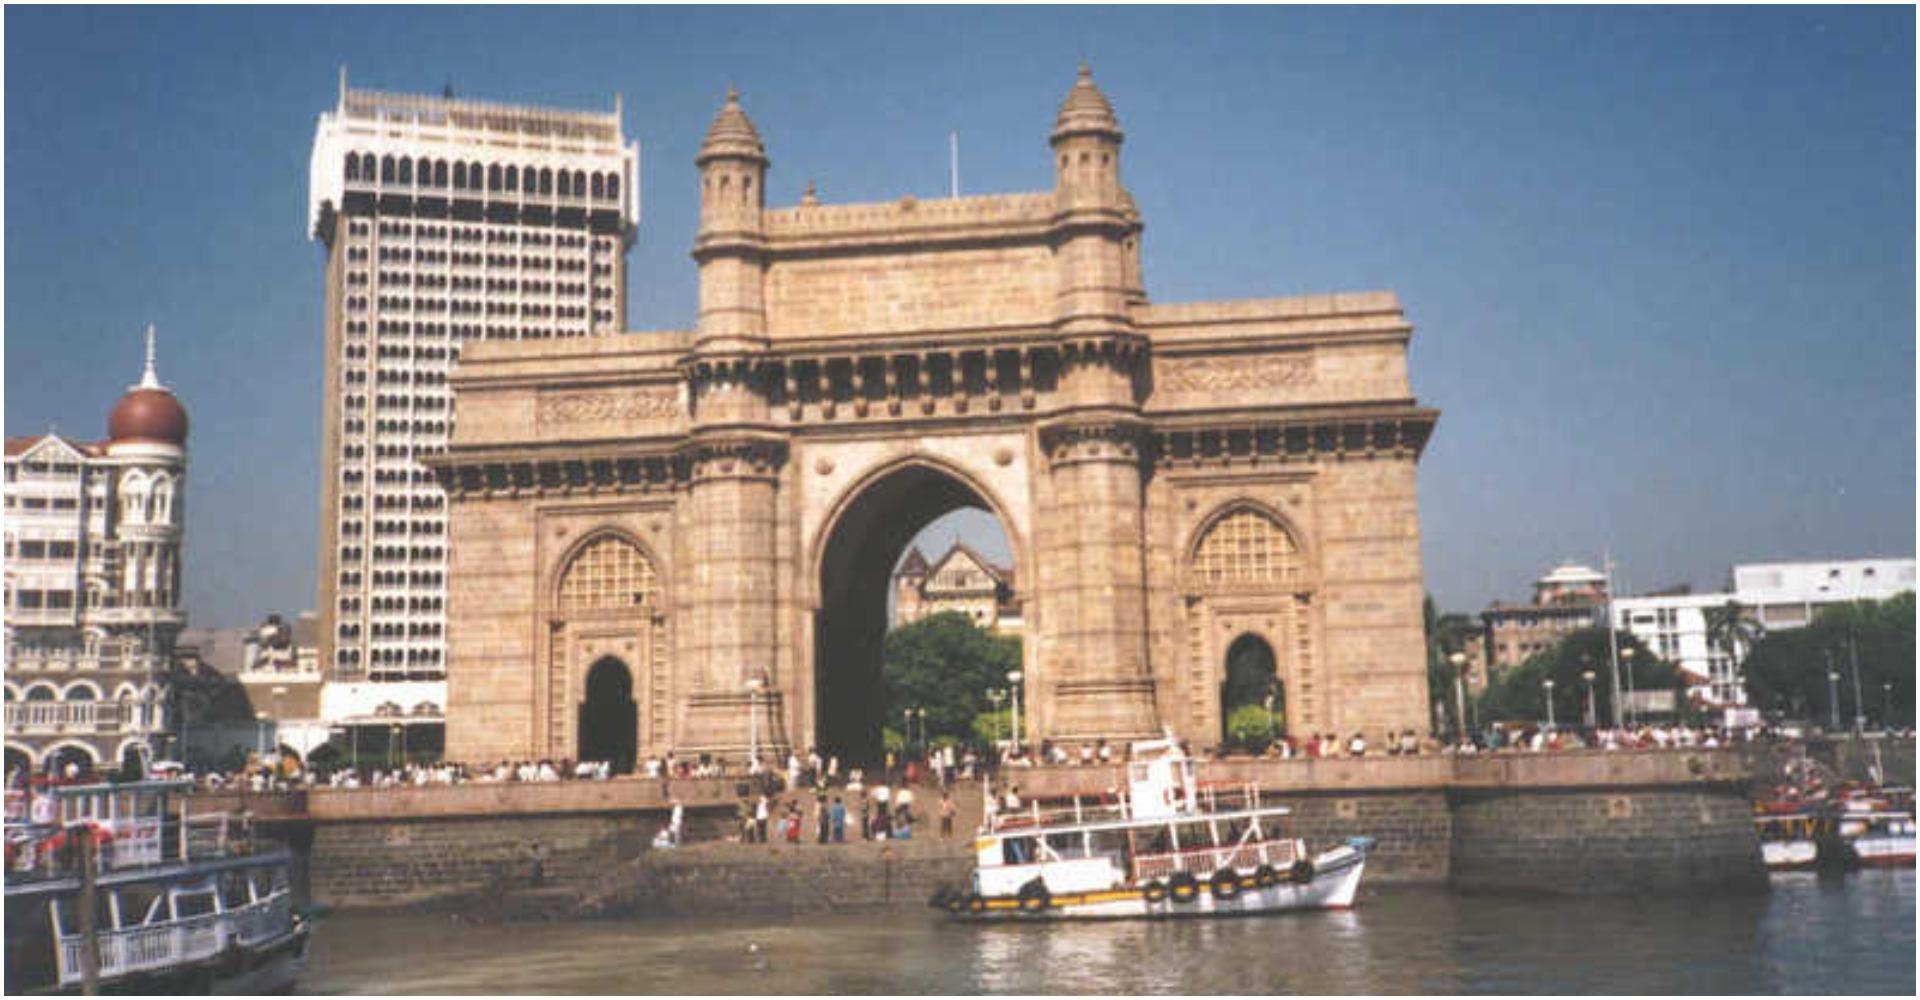 Mumbai: 31 मार्च तक मुंबई, पुणे और नागपुर बंद, पहली से 8वीं की परीक्षा रद्द, 9वीं से 11वीं की परीक्षा अप्रैल..